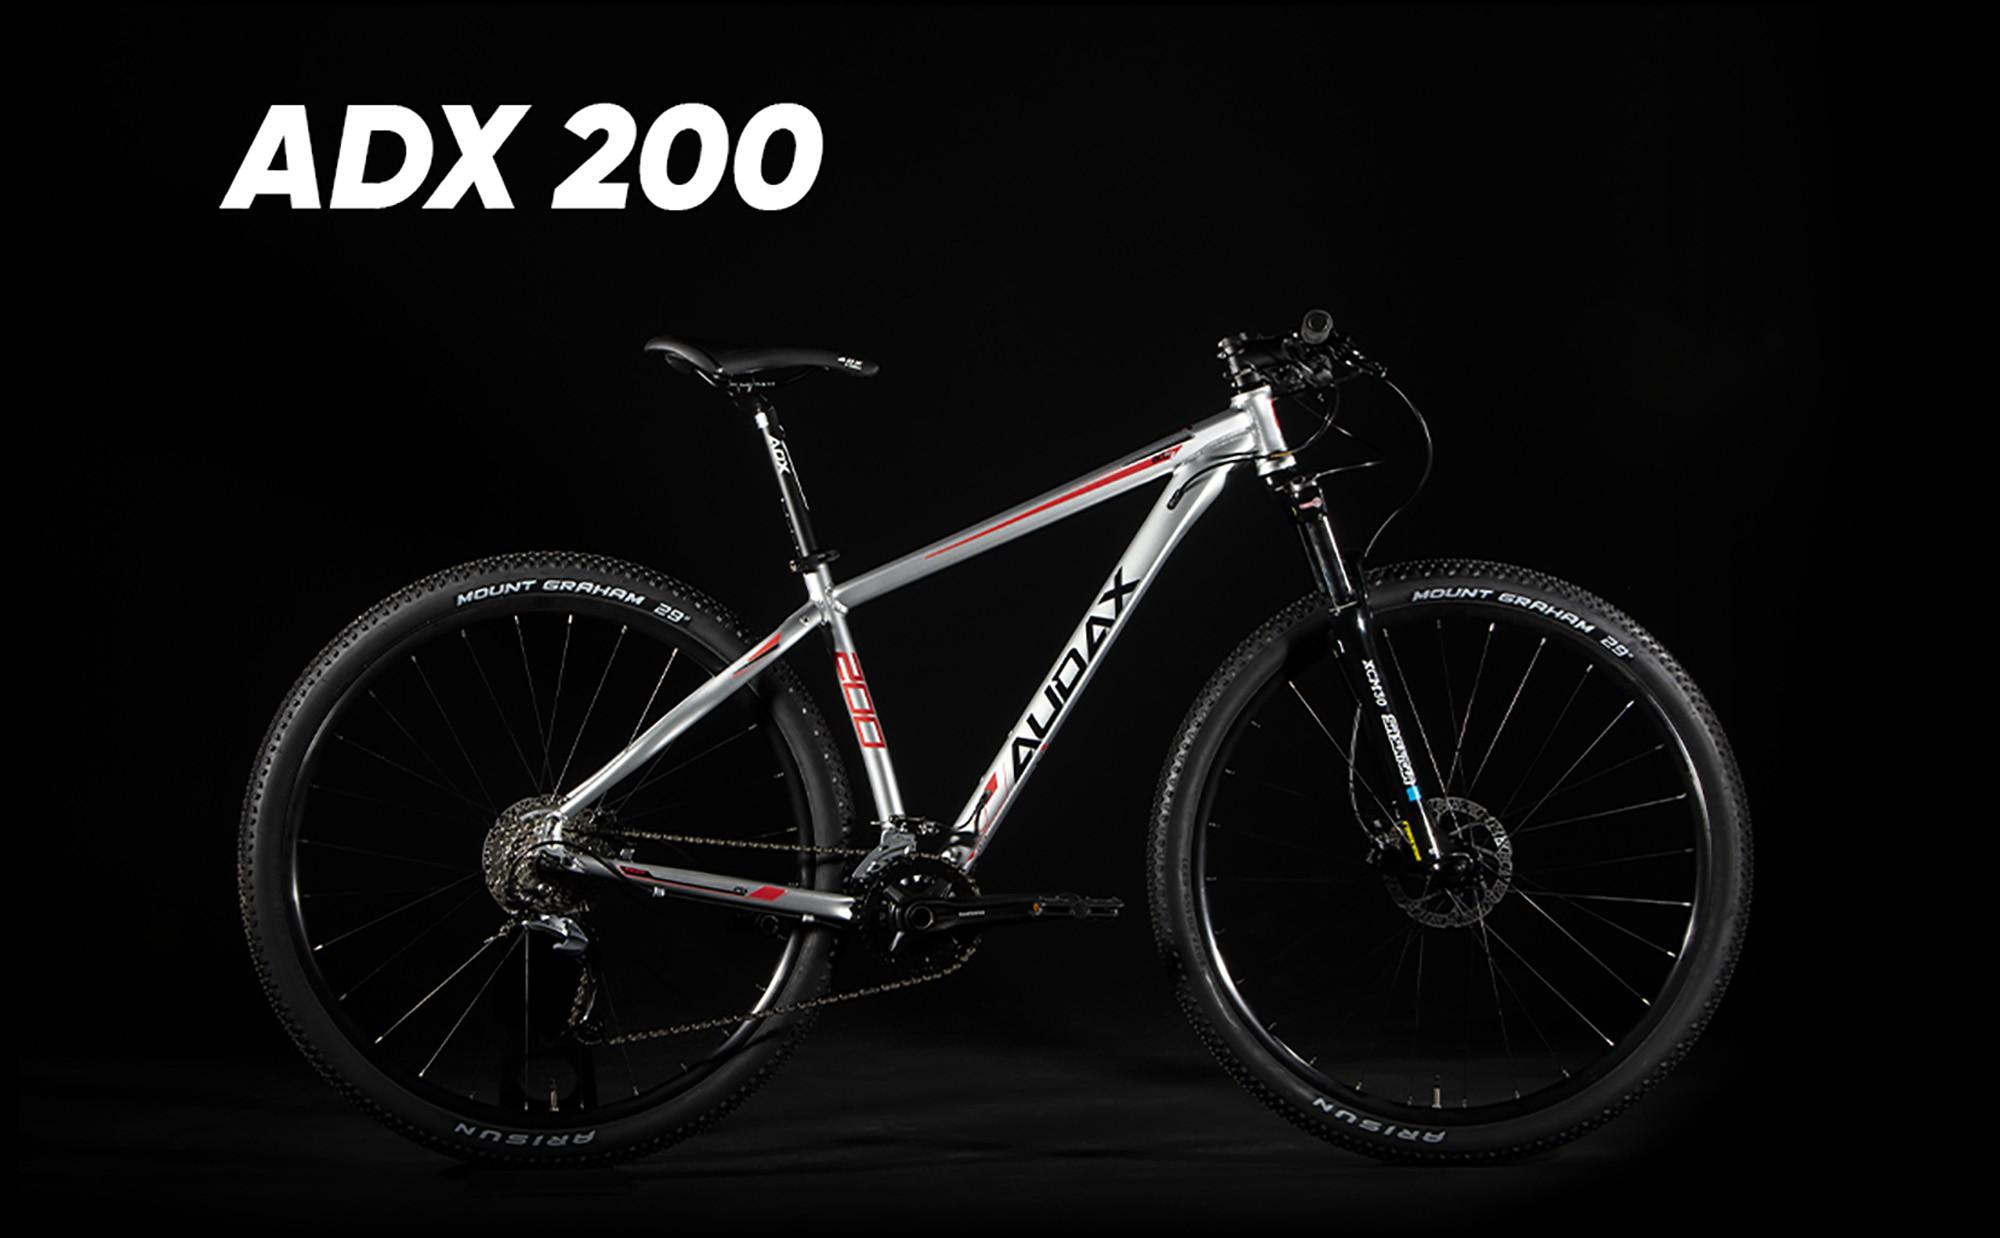 """BICICLETA 29 ADX 200 TAM 15"""" 2020 18V - AUDAX"""